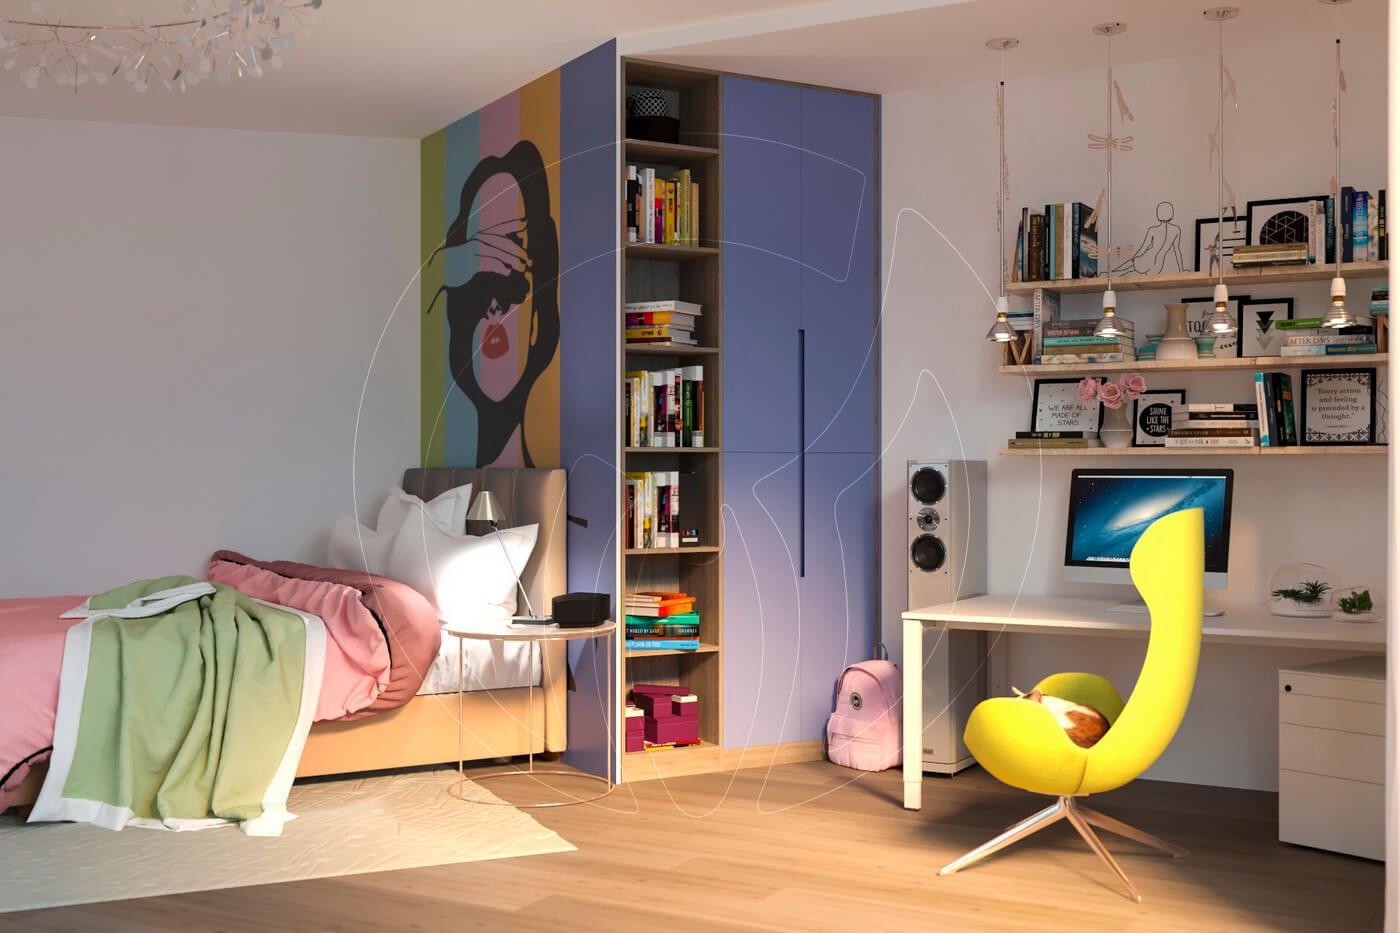 Загородный дом в современном стиле. Детская комната. Учебное место